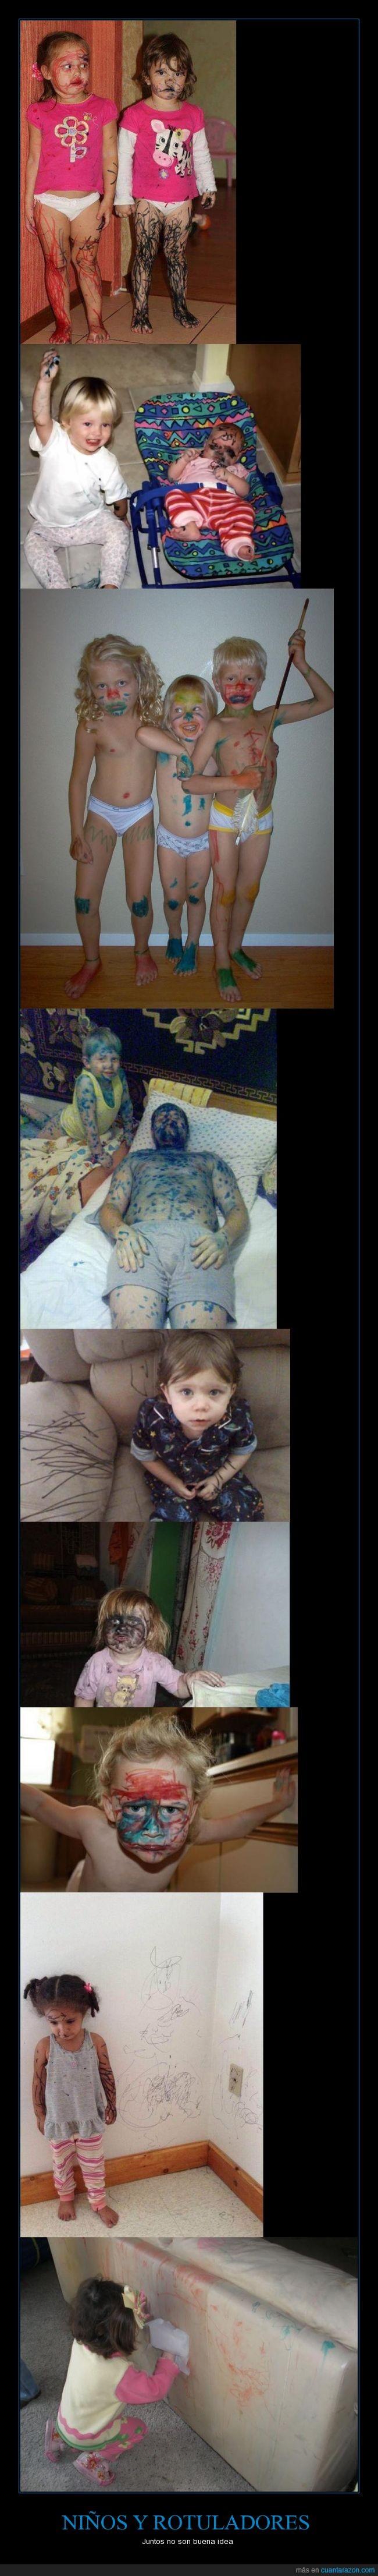 cara,casa,desastre,hermano,indios,niño,padre,permanente,pintar,rotulador